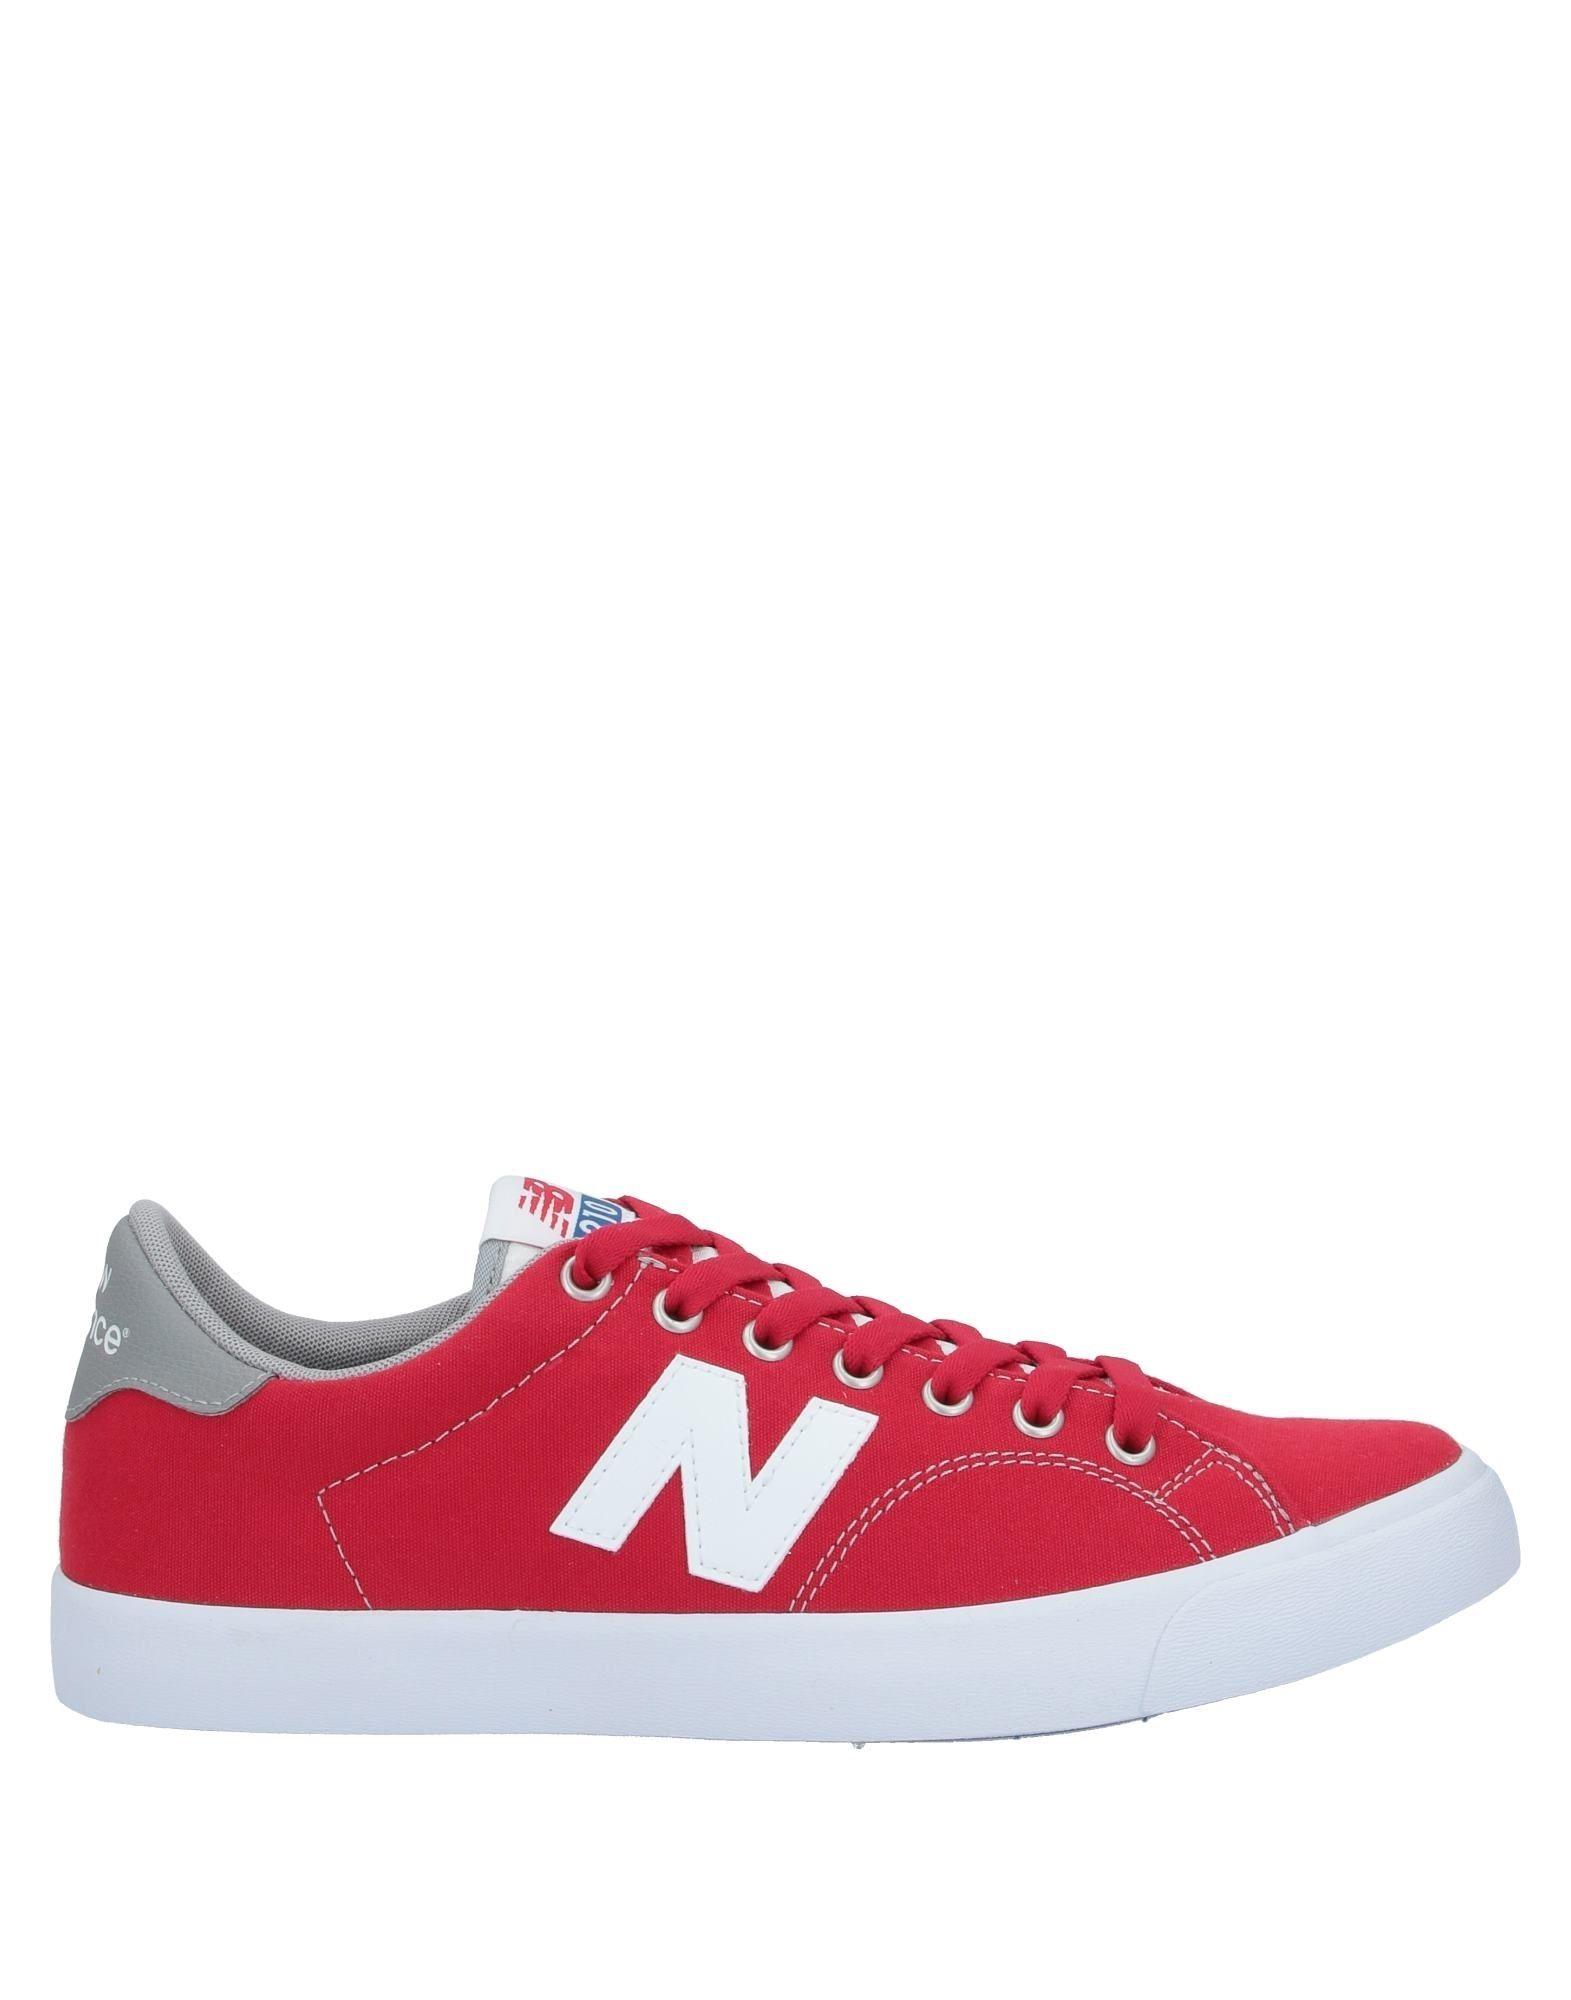 NEW BALANCE Низкие кеды и кроссовки new balance синие кожаные кроссовки 576